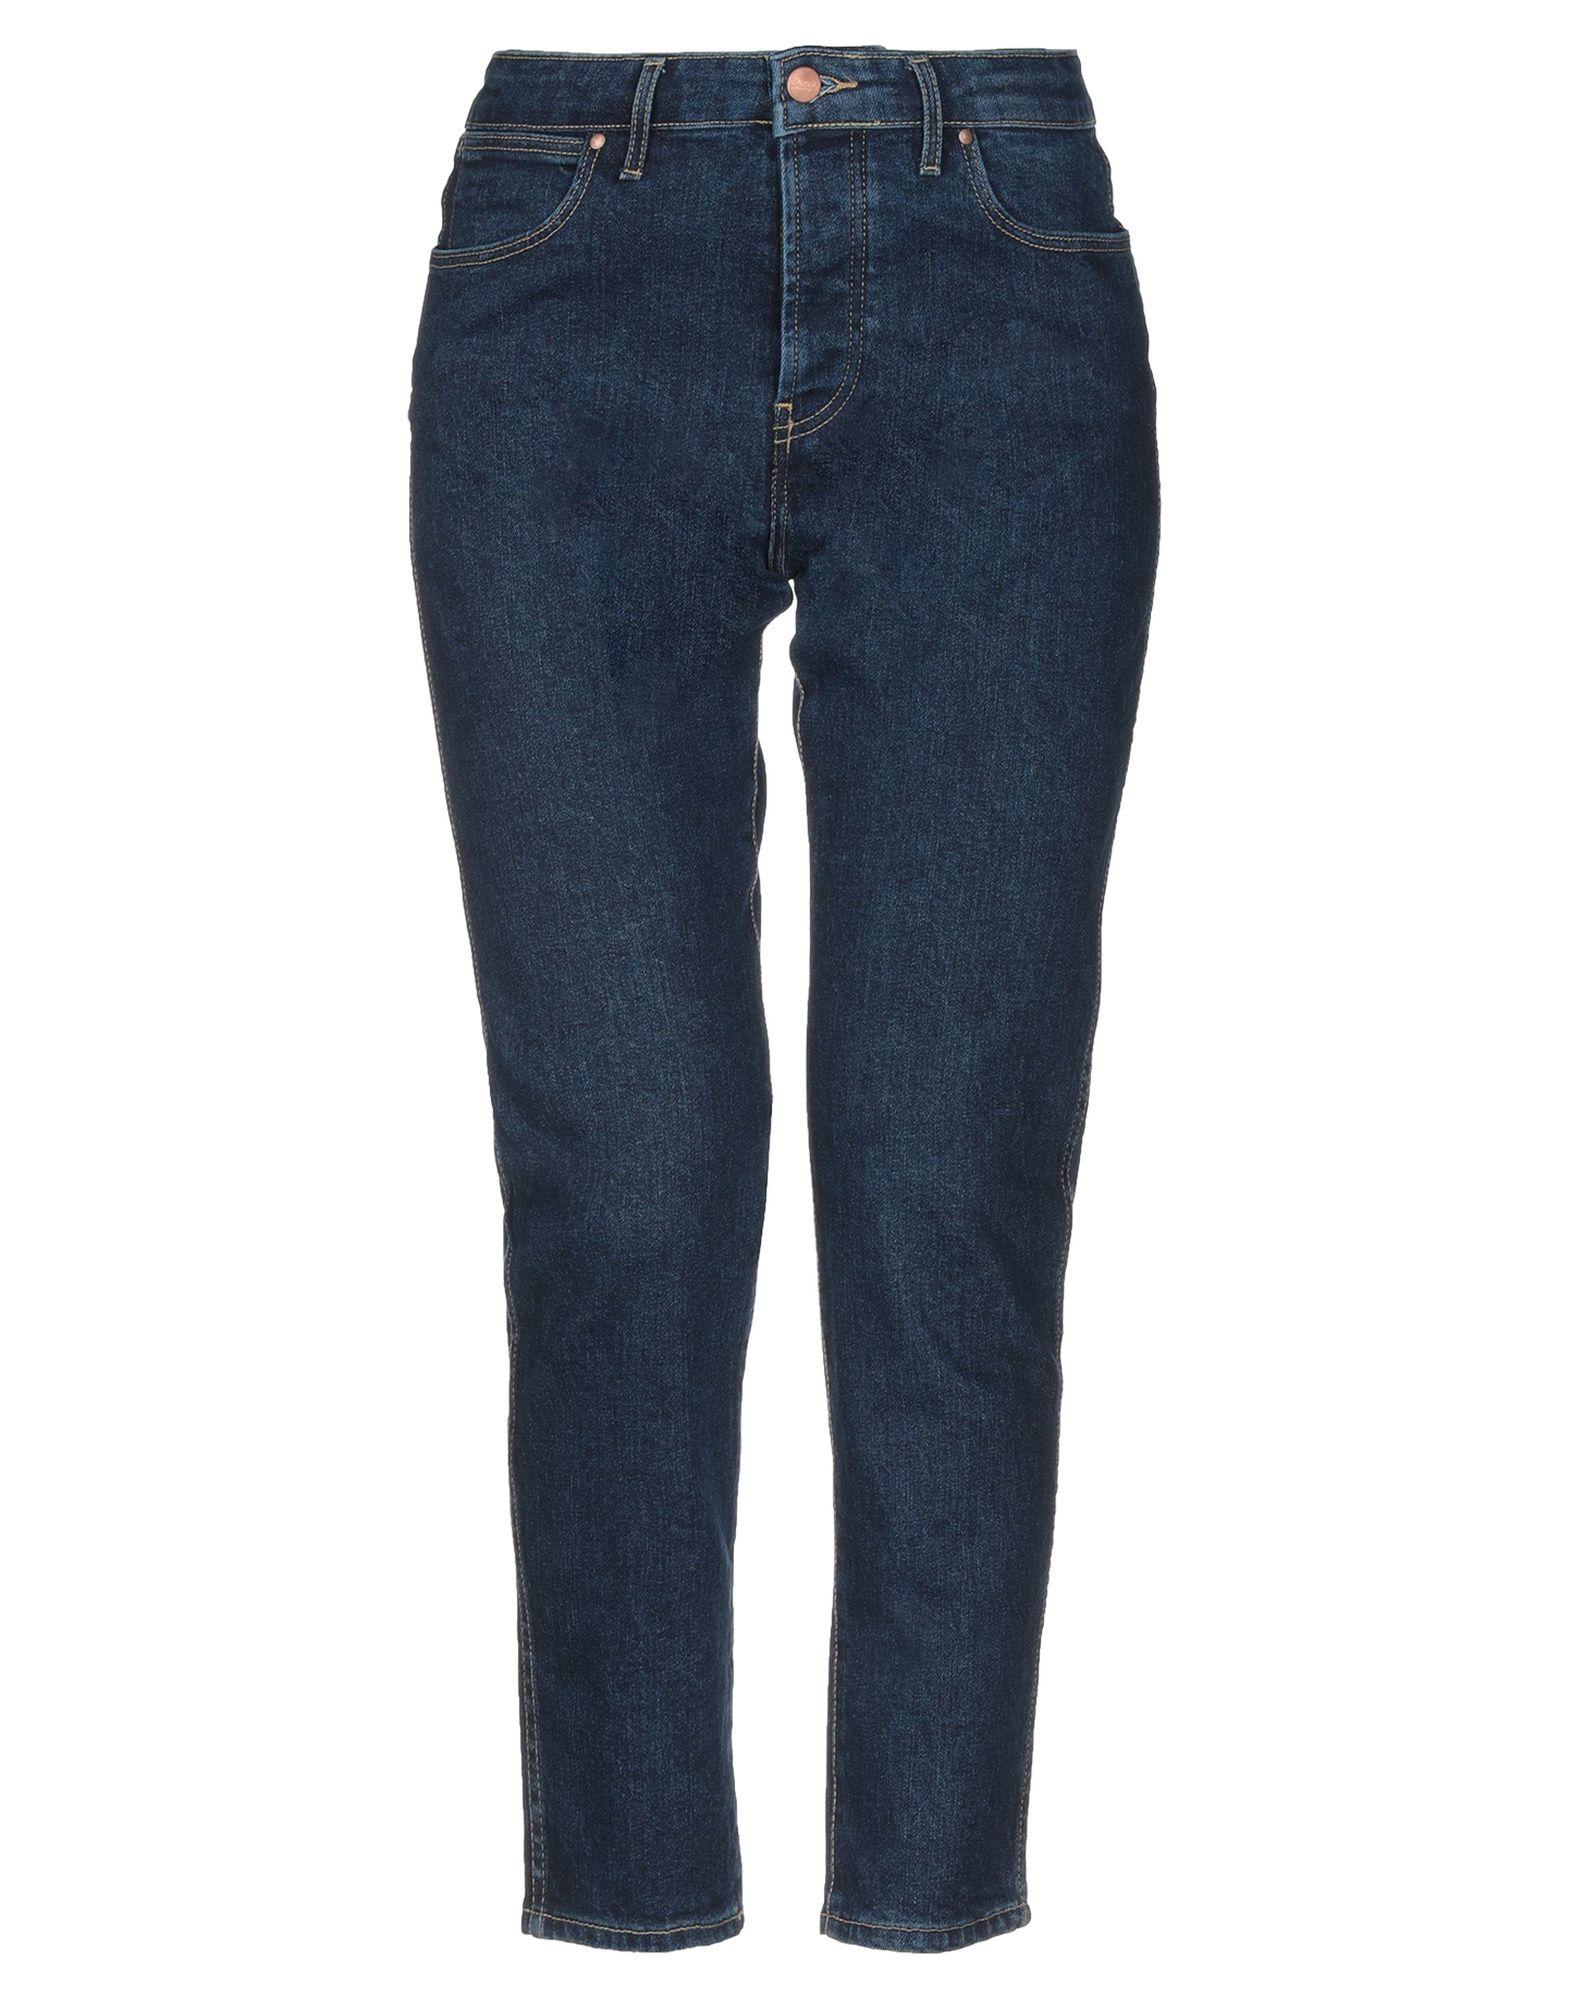 купить WRANGLER Джинсовые брюки по цене 4300 рублей